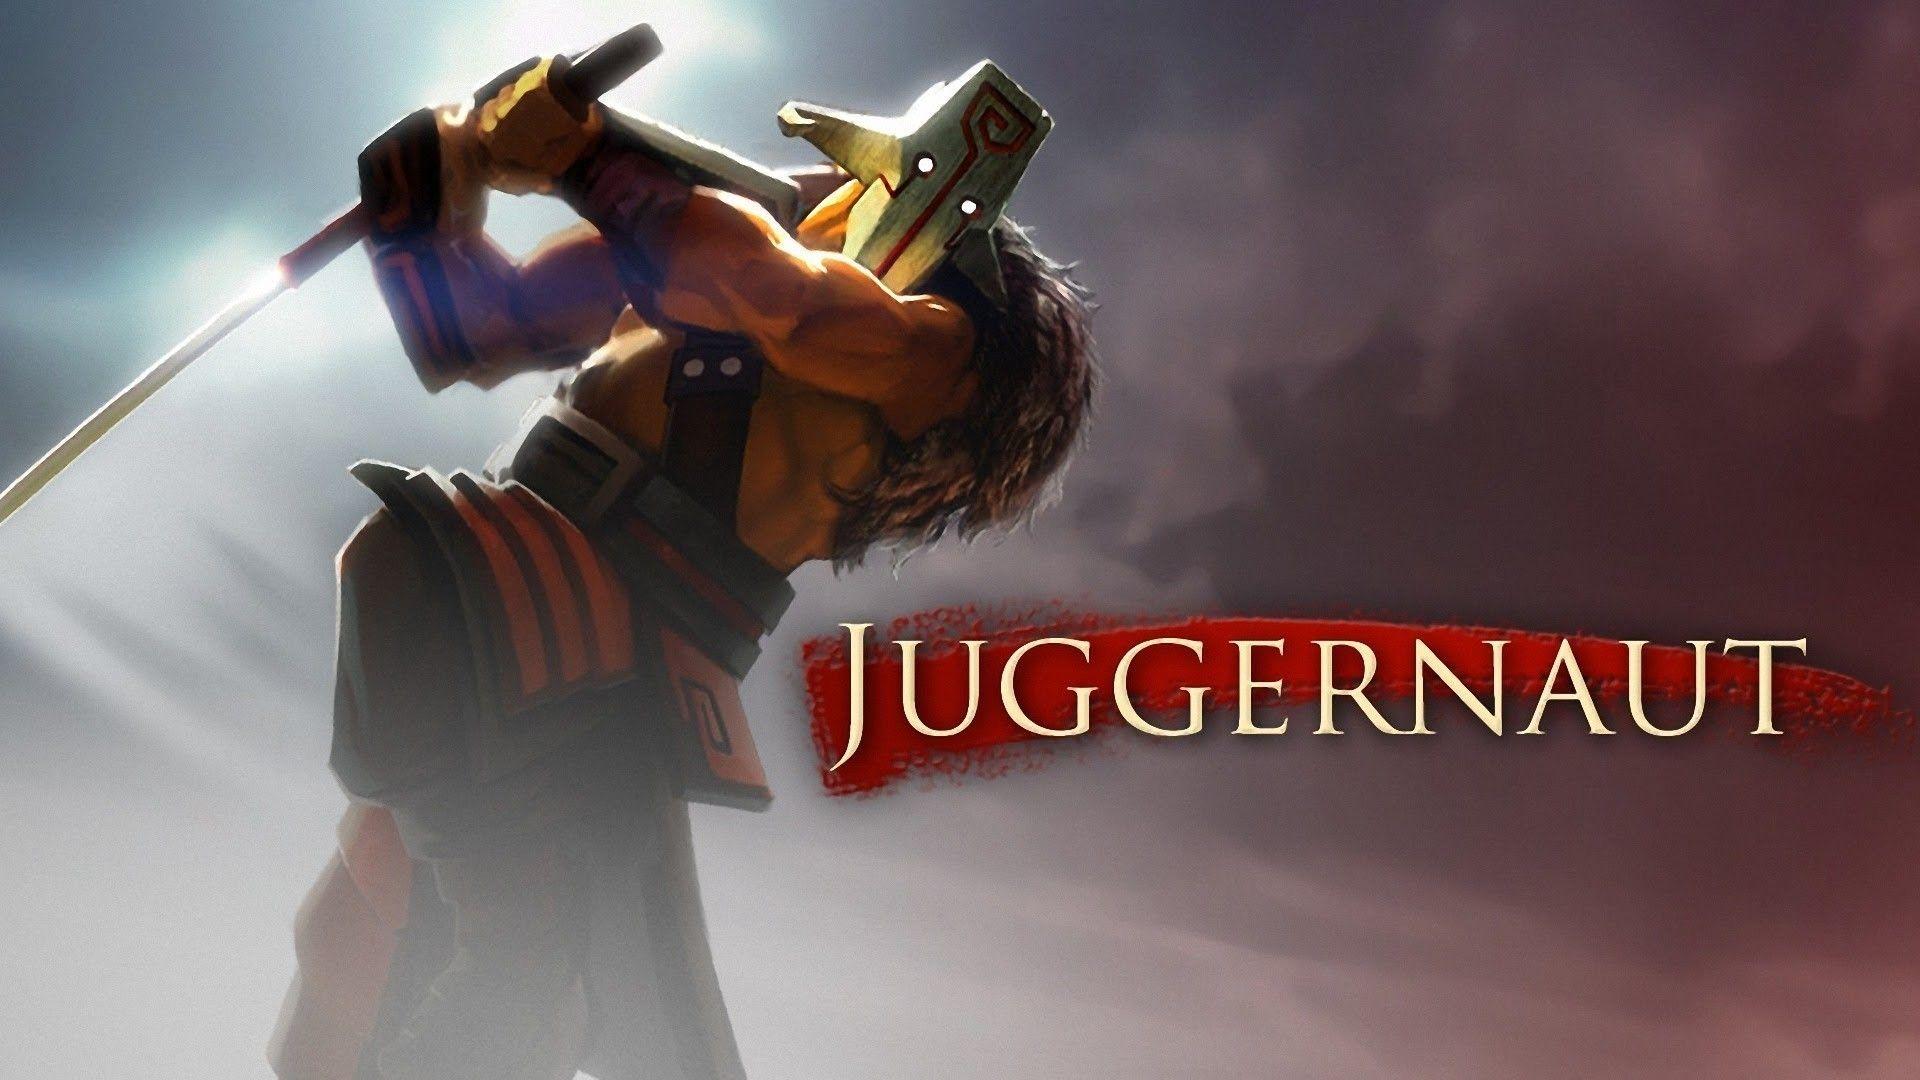 Juggernaut Wallpapers Best